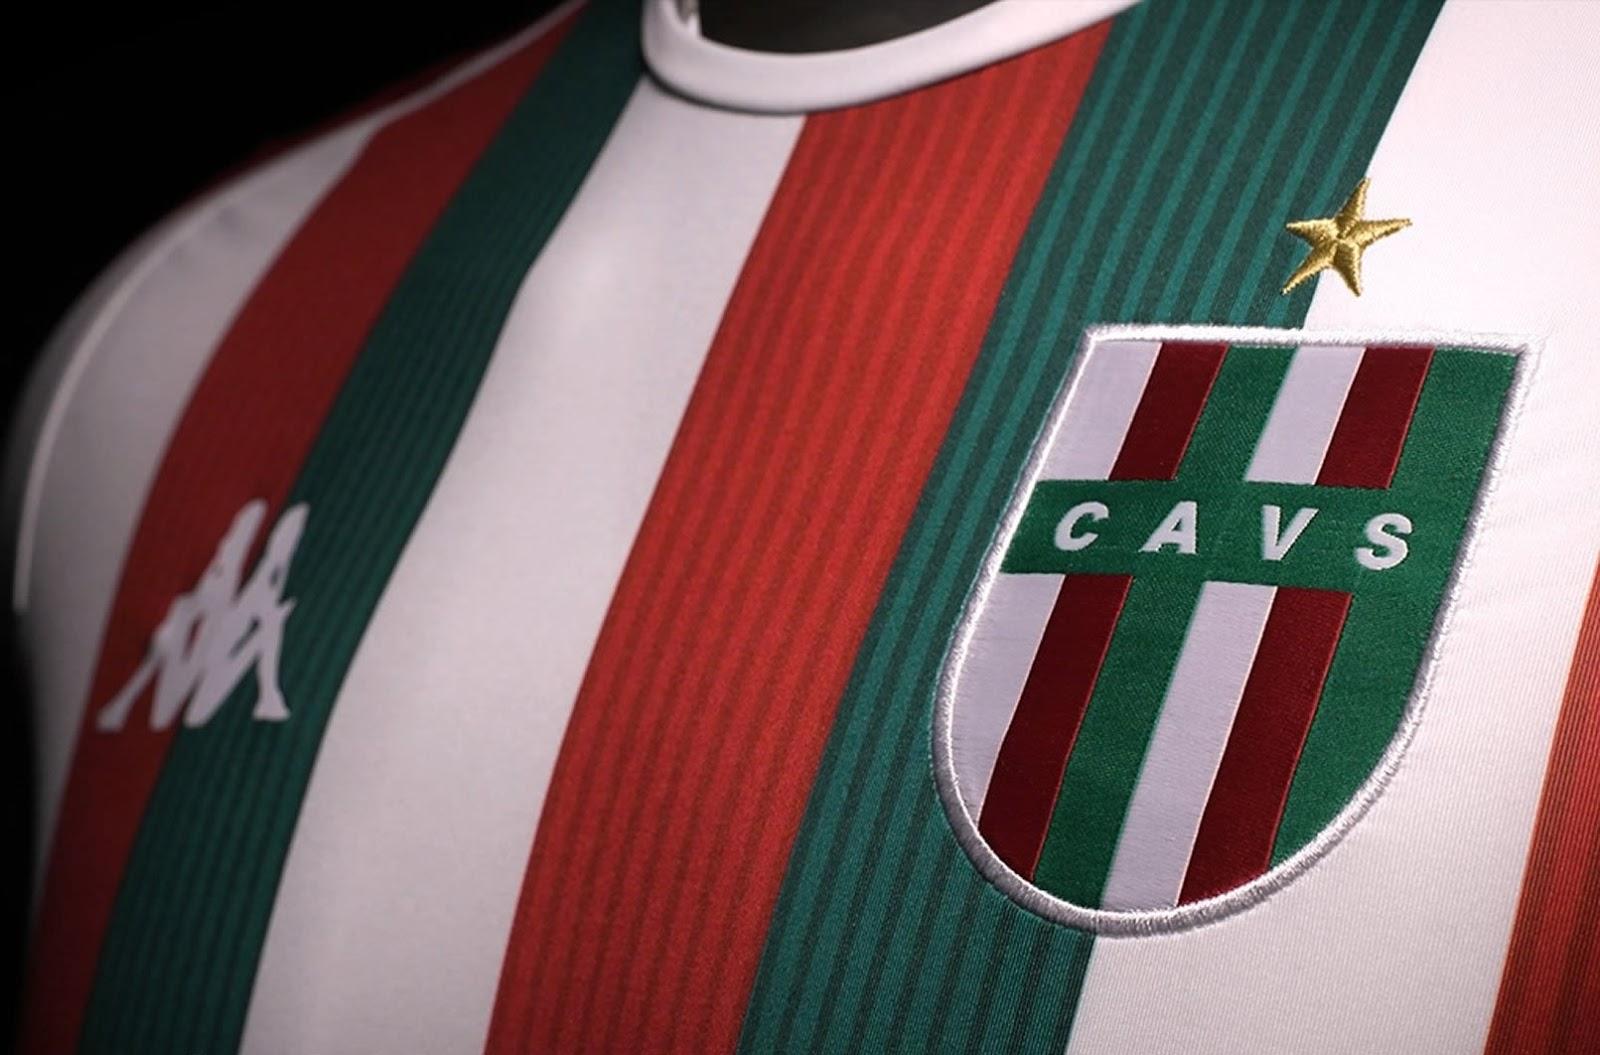 c84b7fa8845 Kappa divulga a nova terceira camisa do Vélez Sarsfield - Show de ...